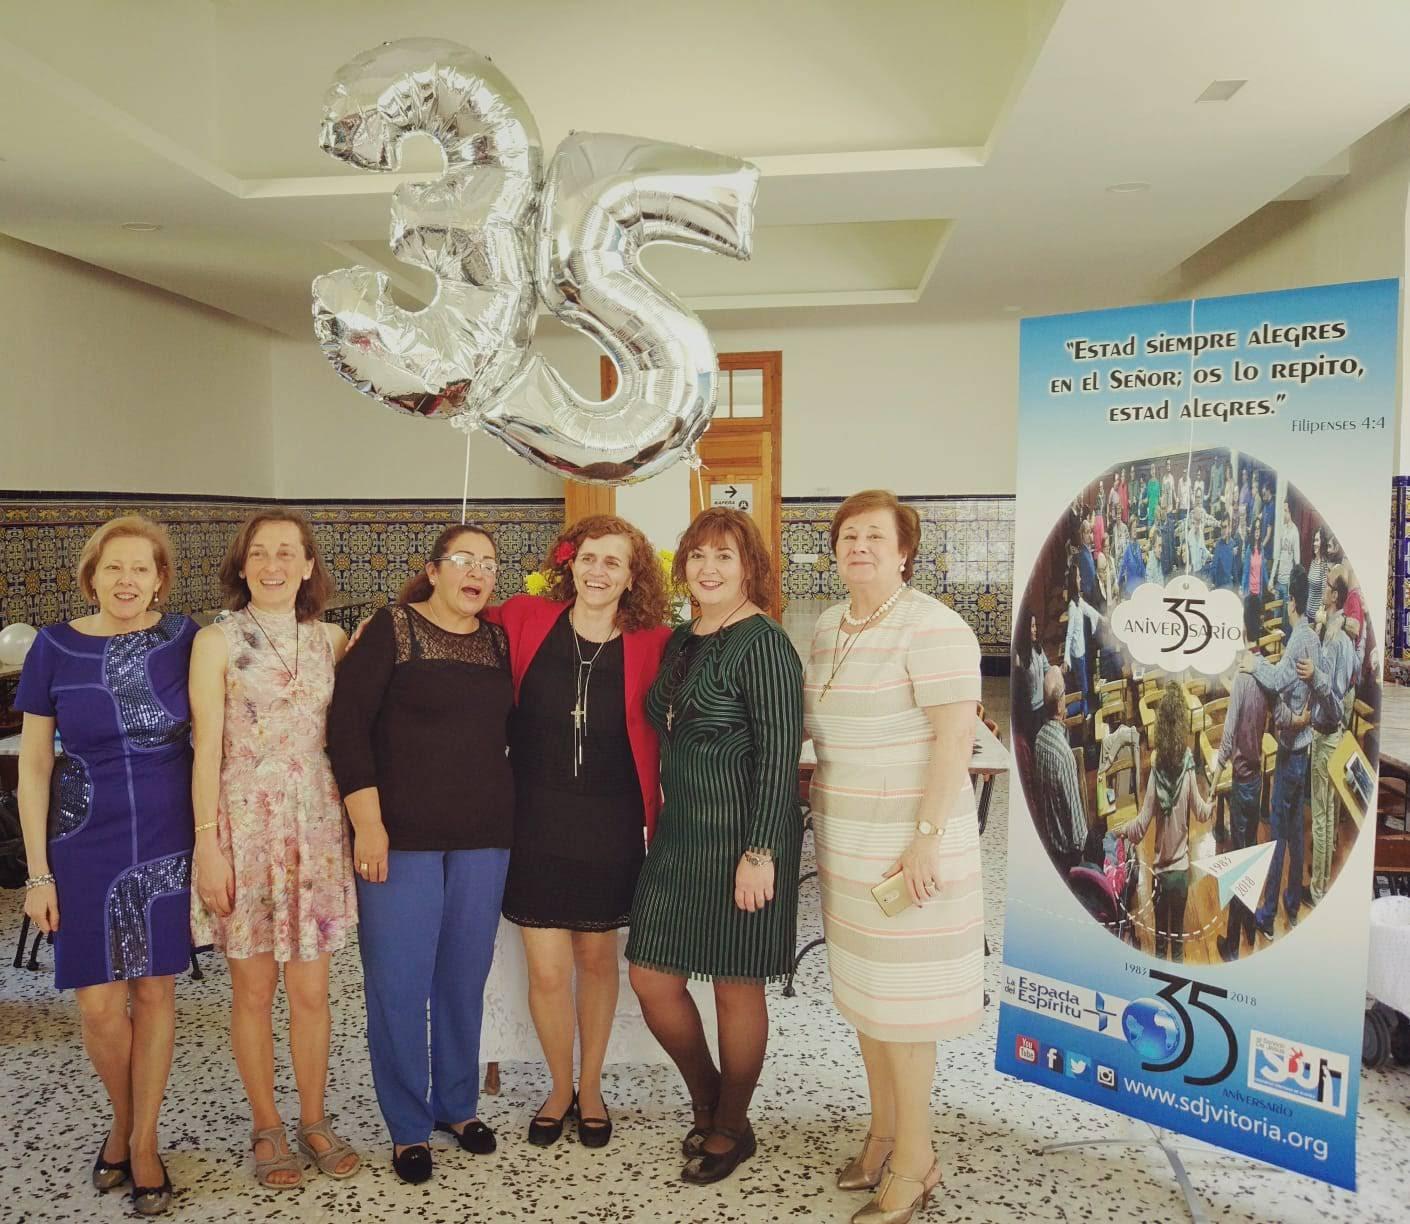 2018.06.17 - 35 Aniversario SDJ (116)